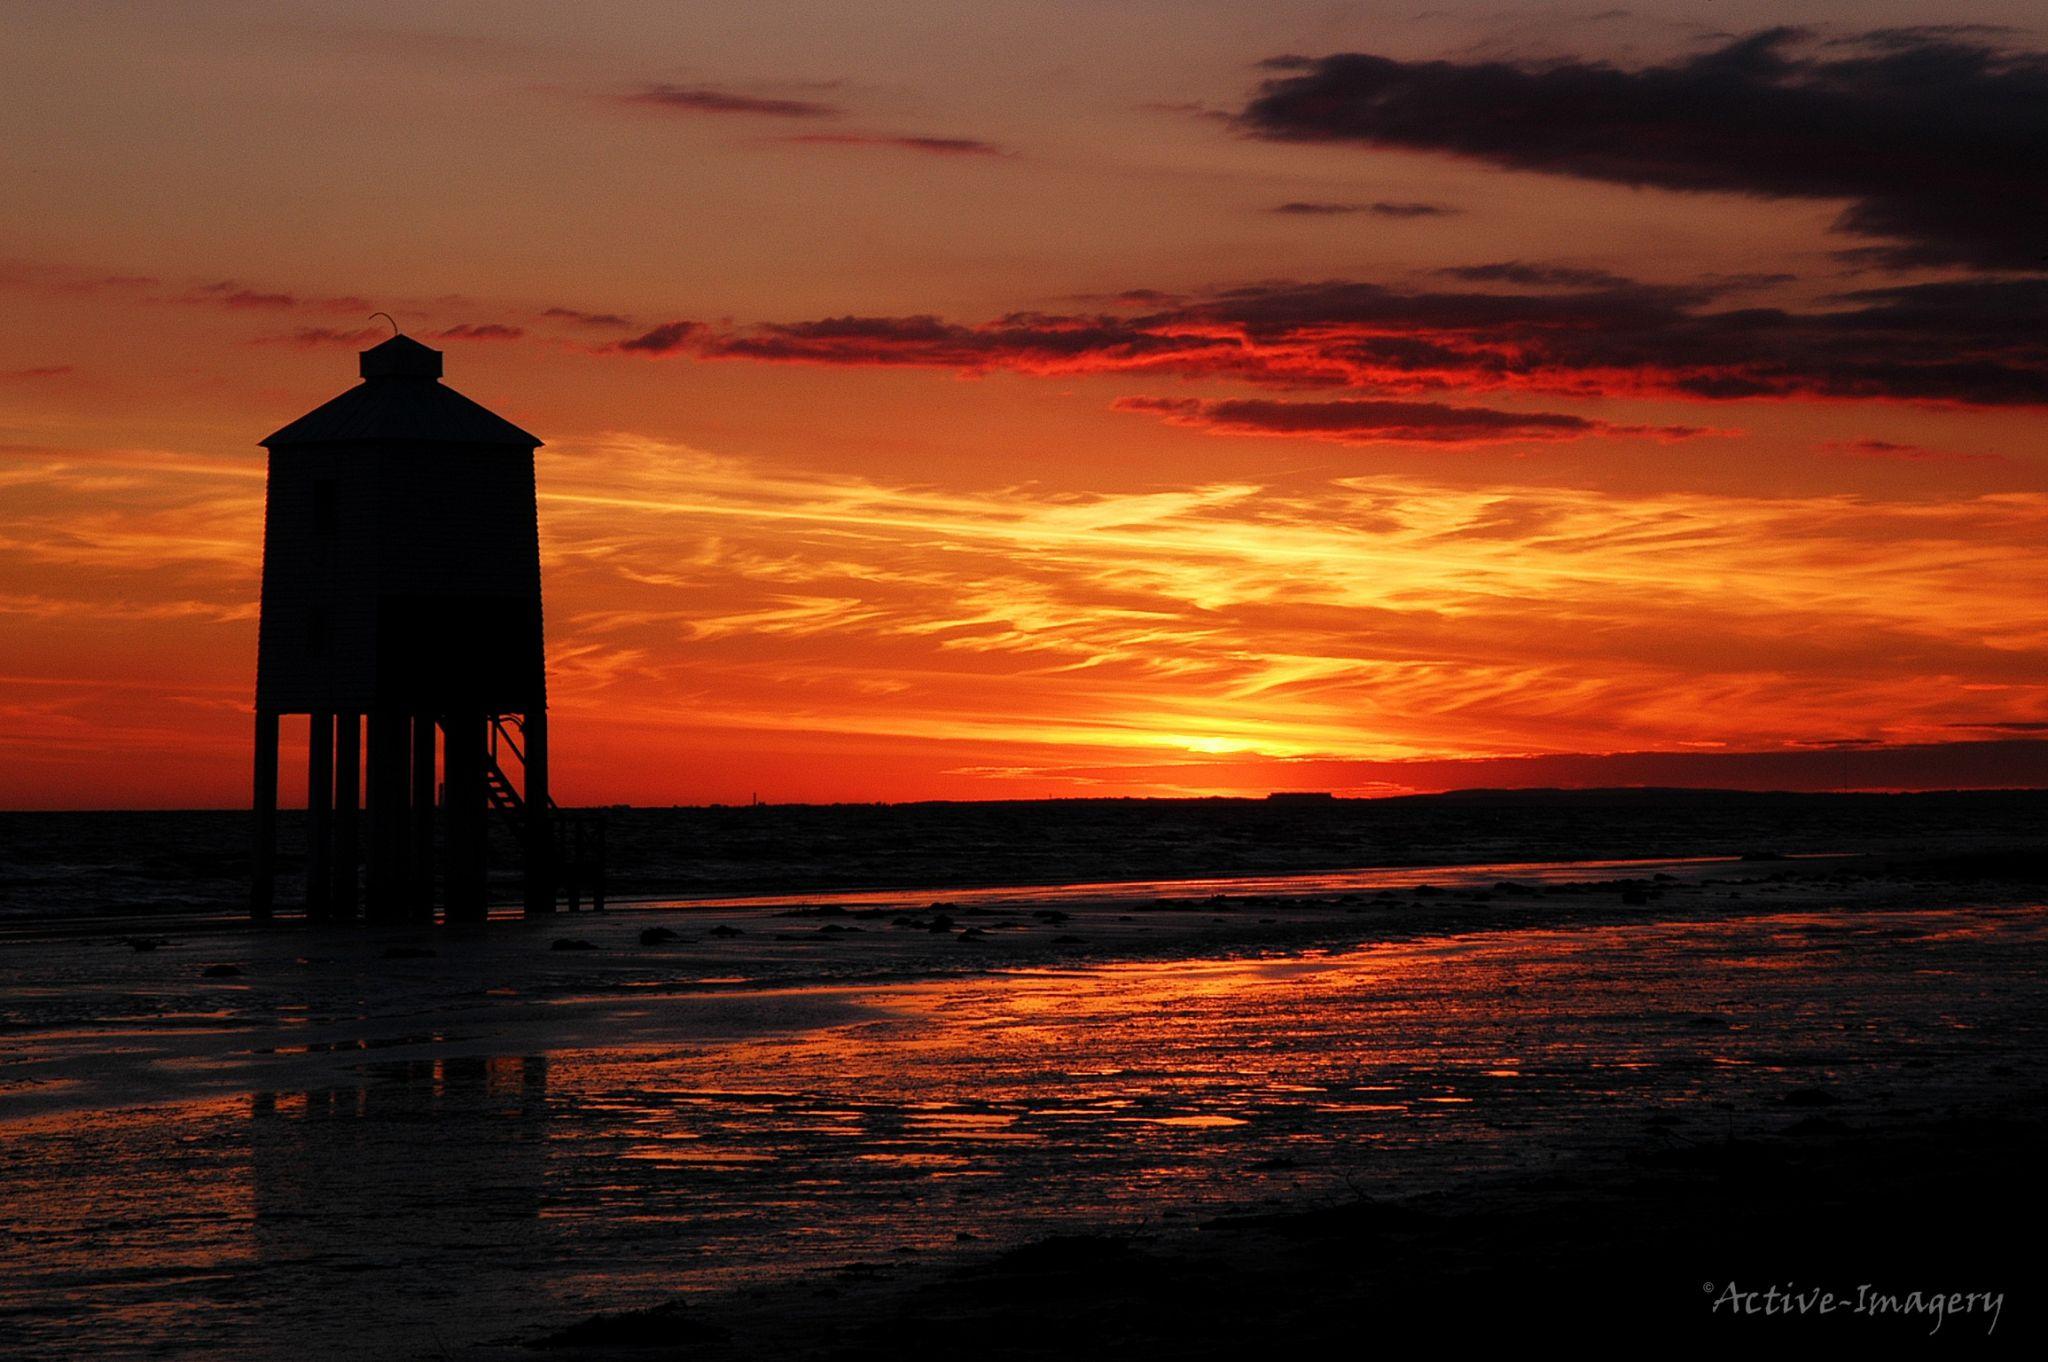 Wooden Lighthouse, United Kingdom